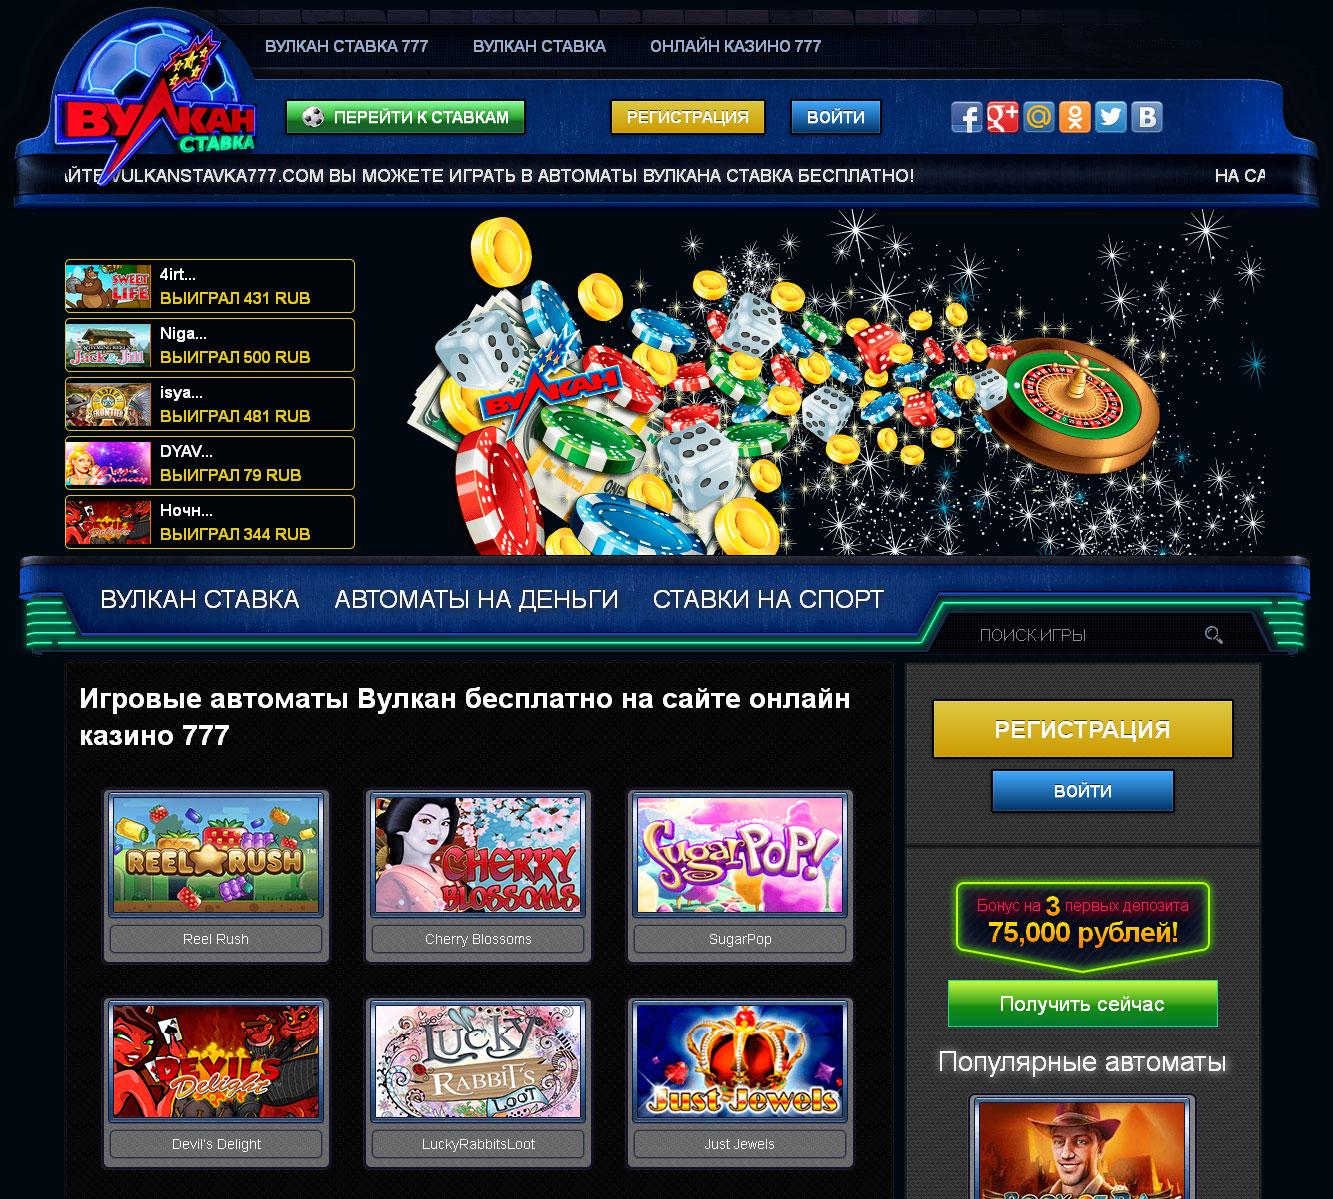 Казино онлайн бесплатно с реальными деньгами расписной покер i играть онлайн